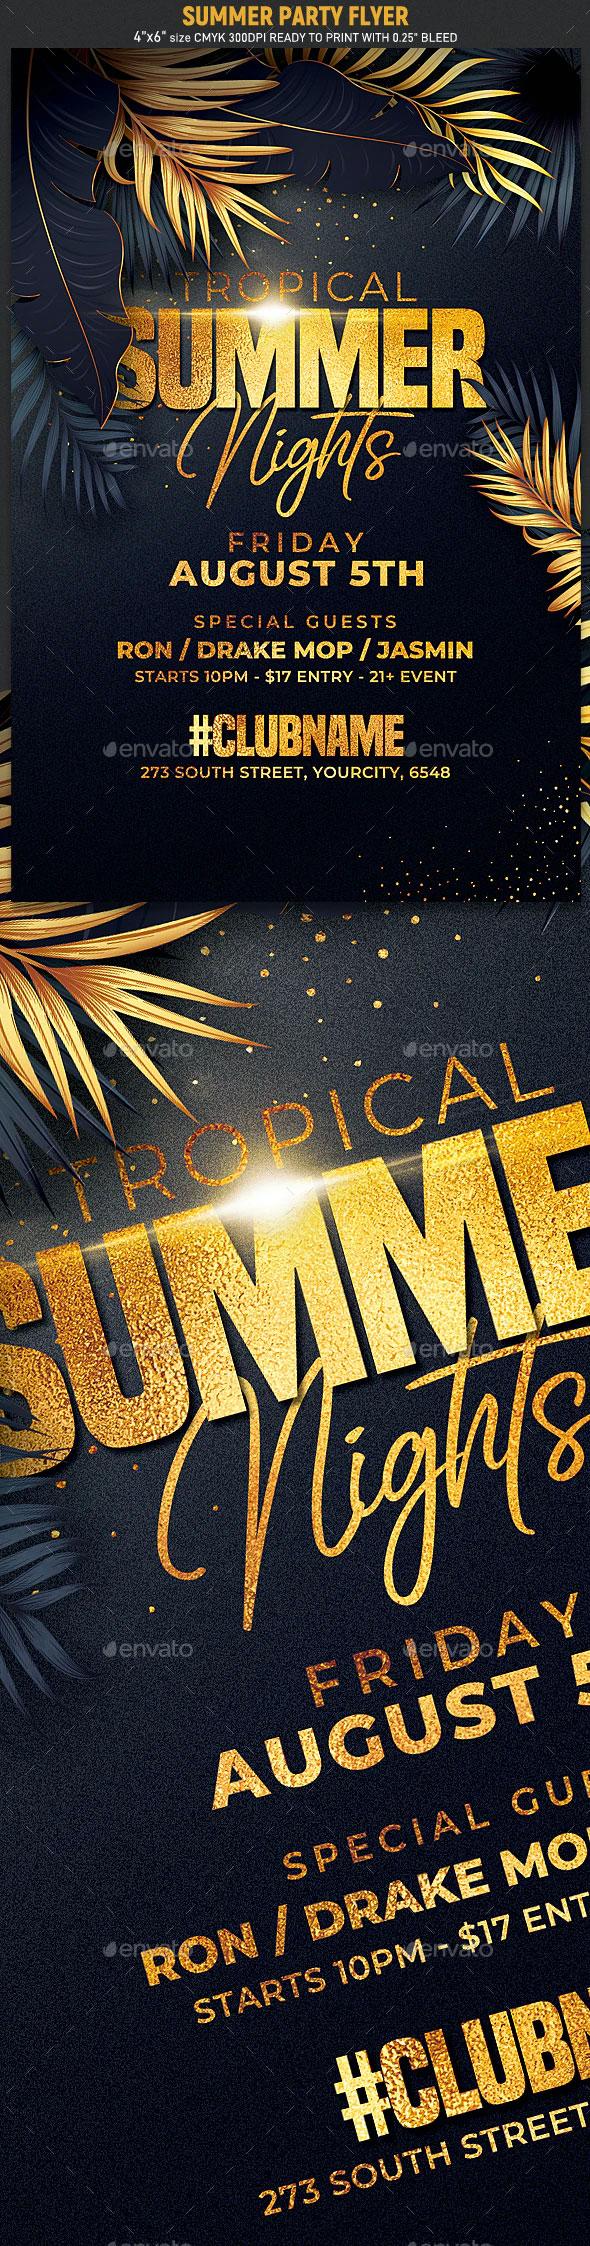 高雅的夏天集会活动海报传单模板(PSD)